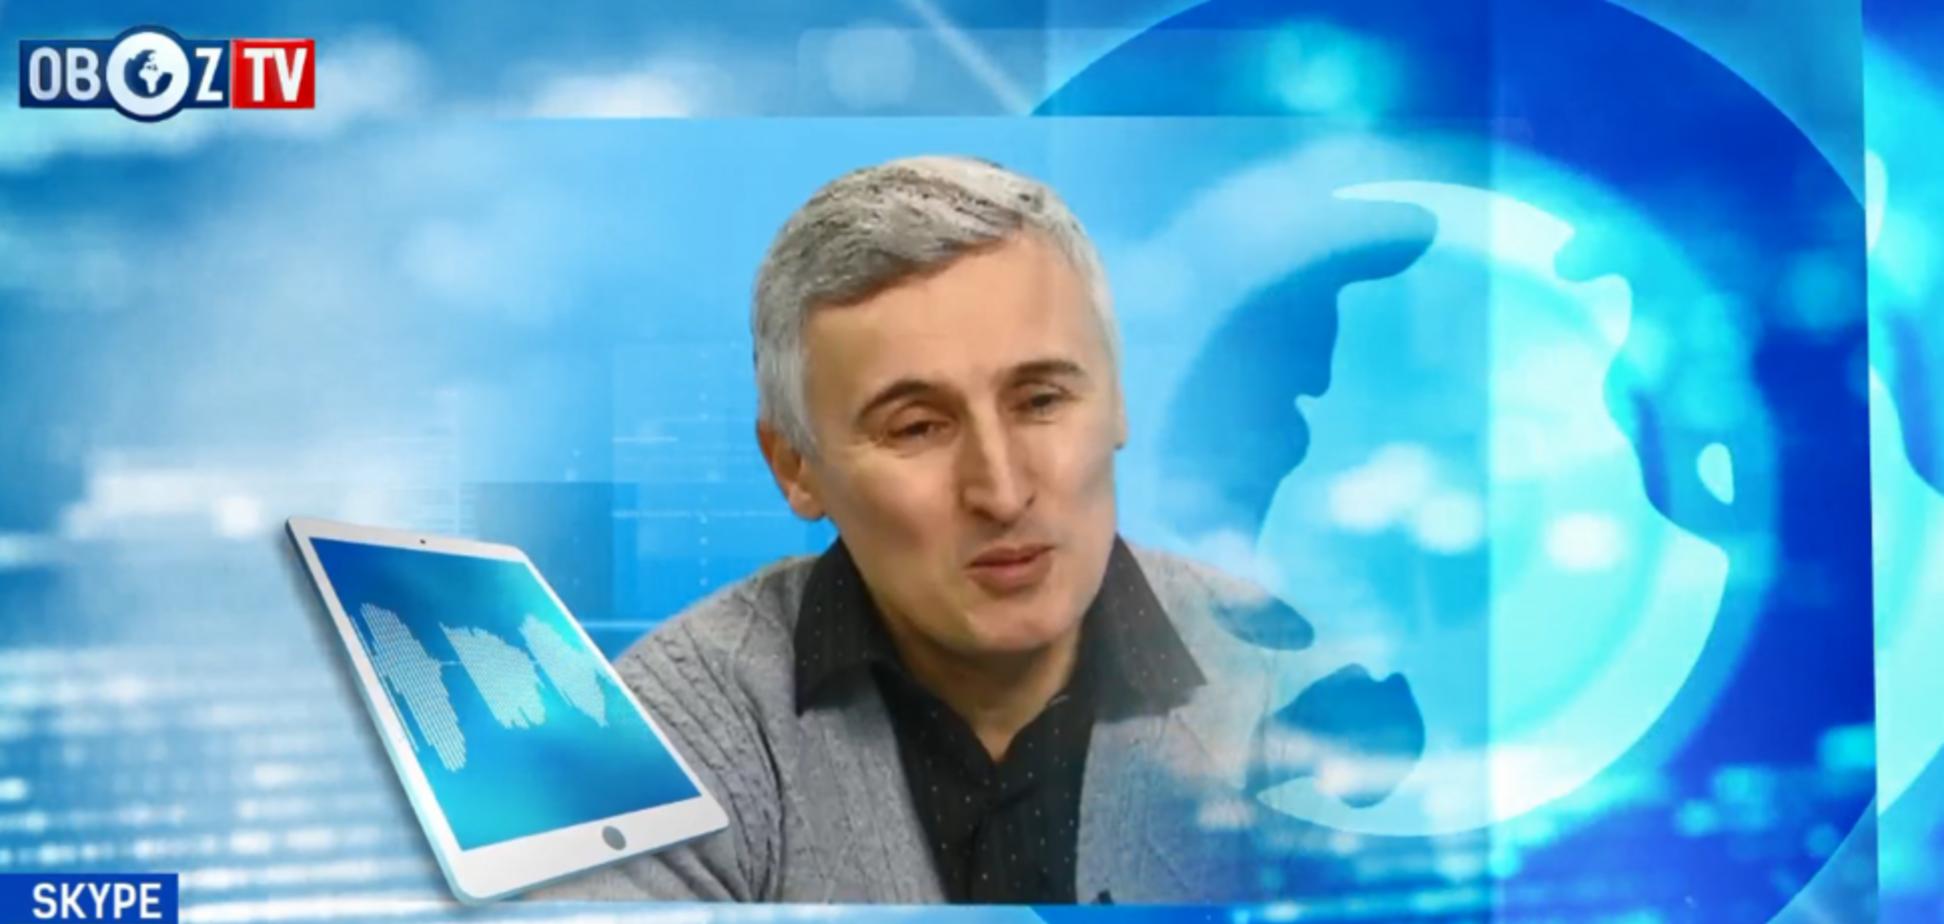 Погода змінюється: синоптик розповів, що чекає на українців